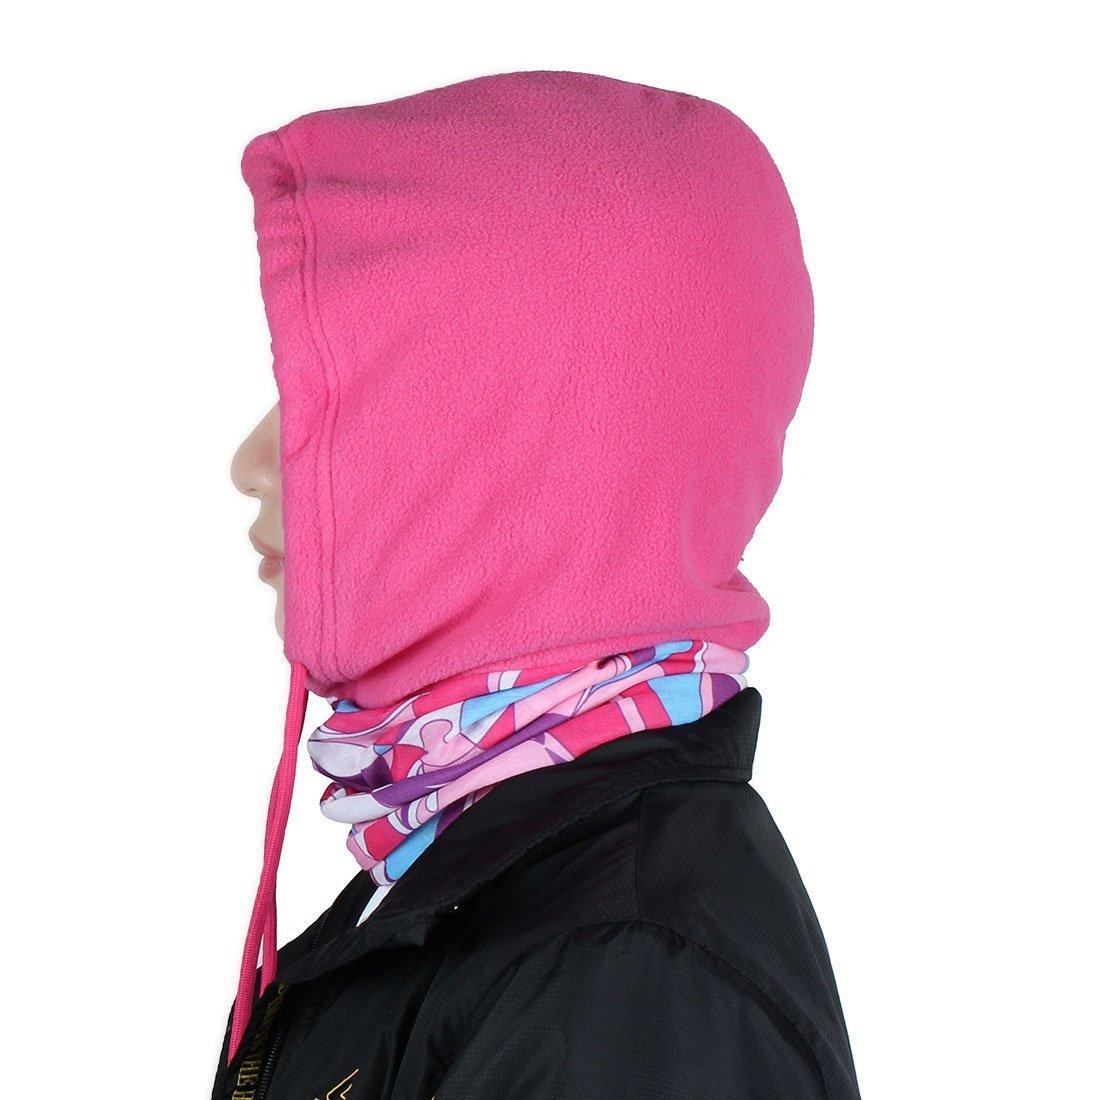 Amazon.com : eDealMax invierno Polar deportes al aire Libre del Viento tapón pasamontañas Sombrero de la capilla carcasa del Casco Cuello de la cara ...